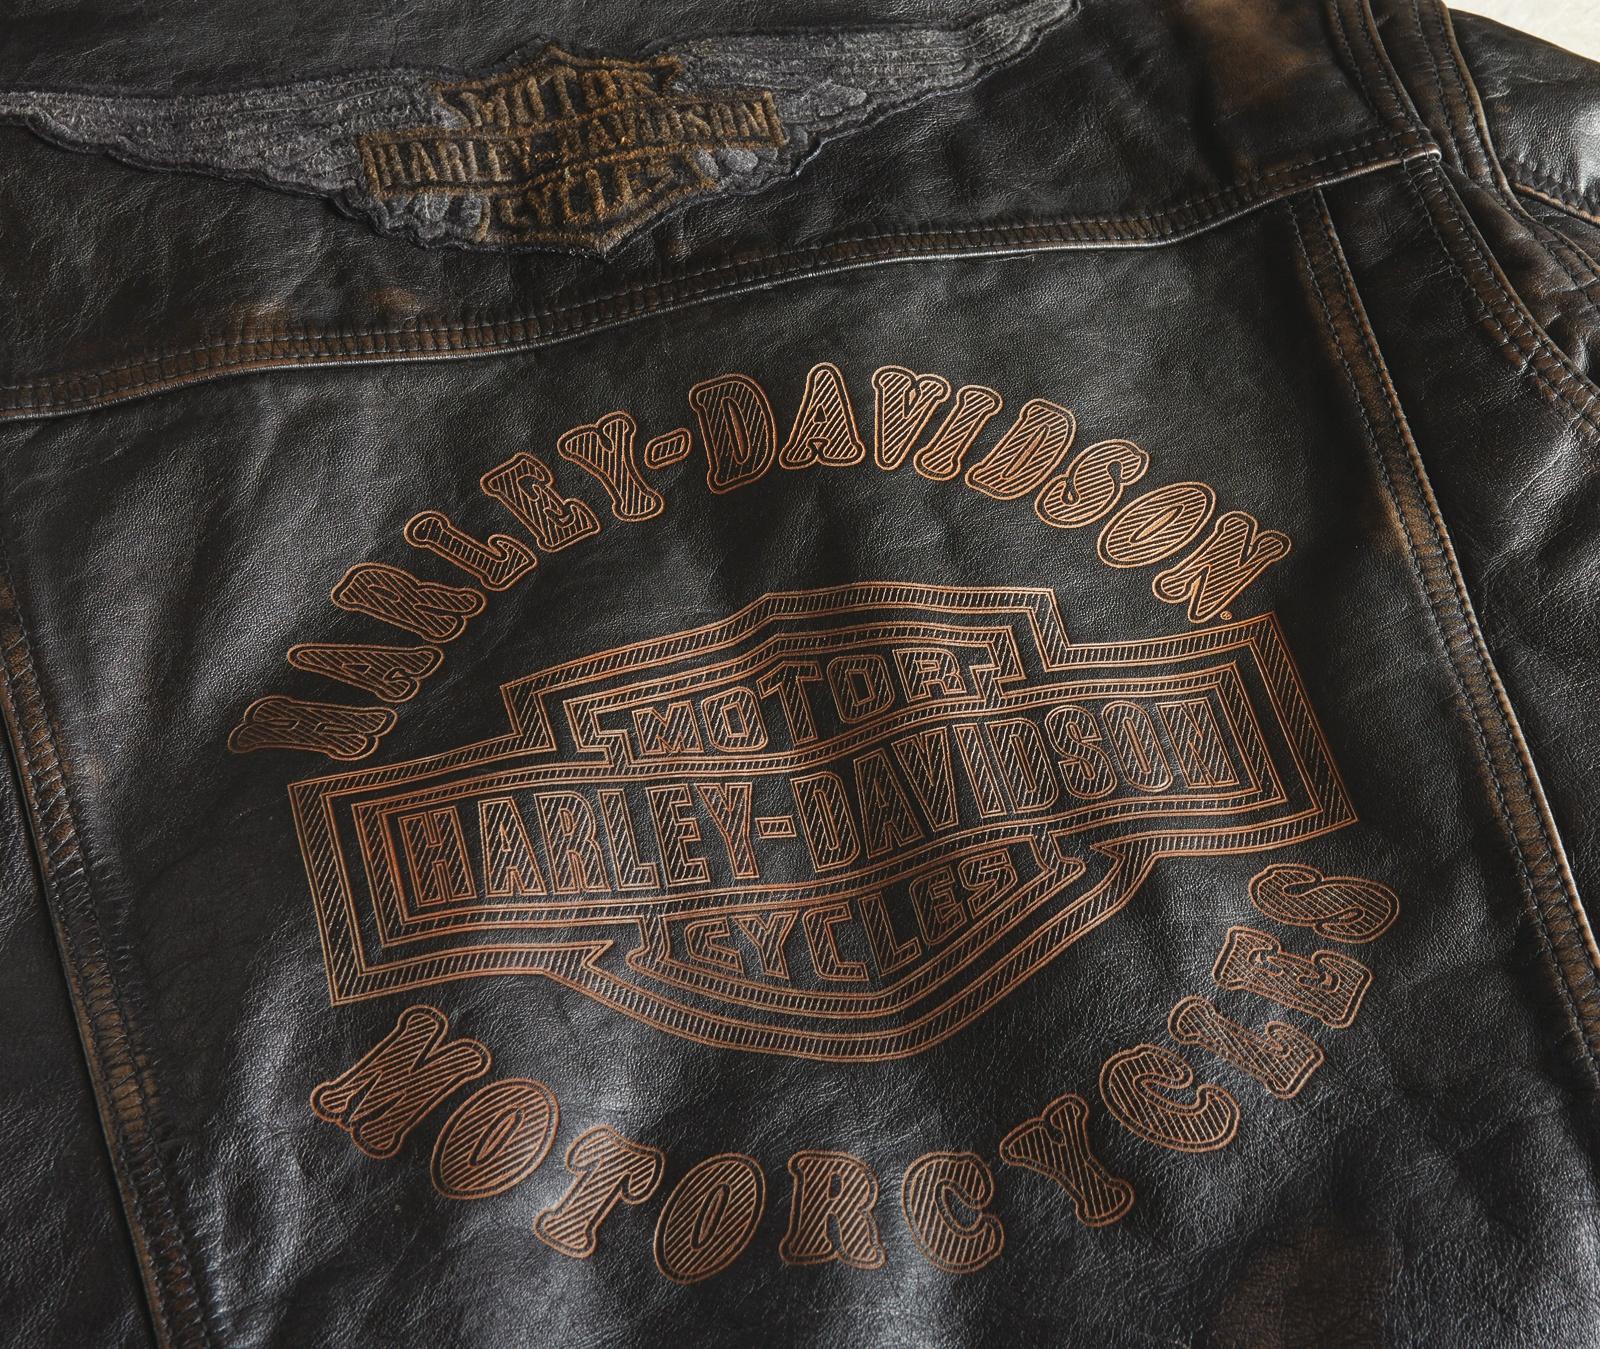 98036 19VM Harley Davidson Lederjacke Digger im Thunderbike Shop